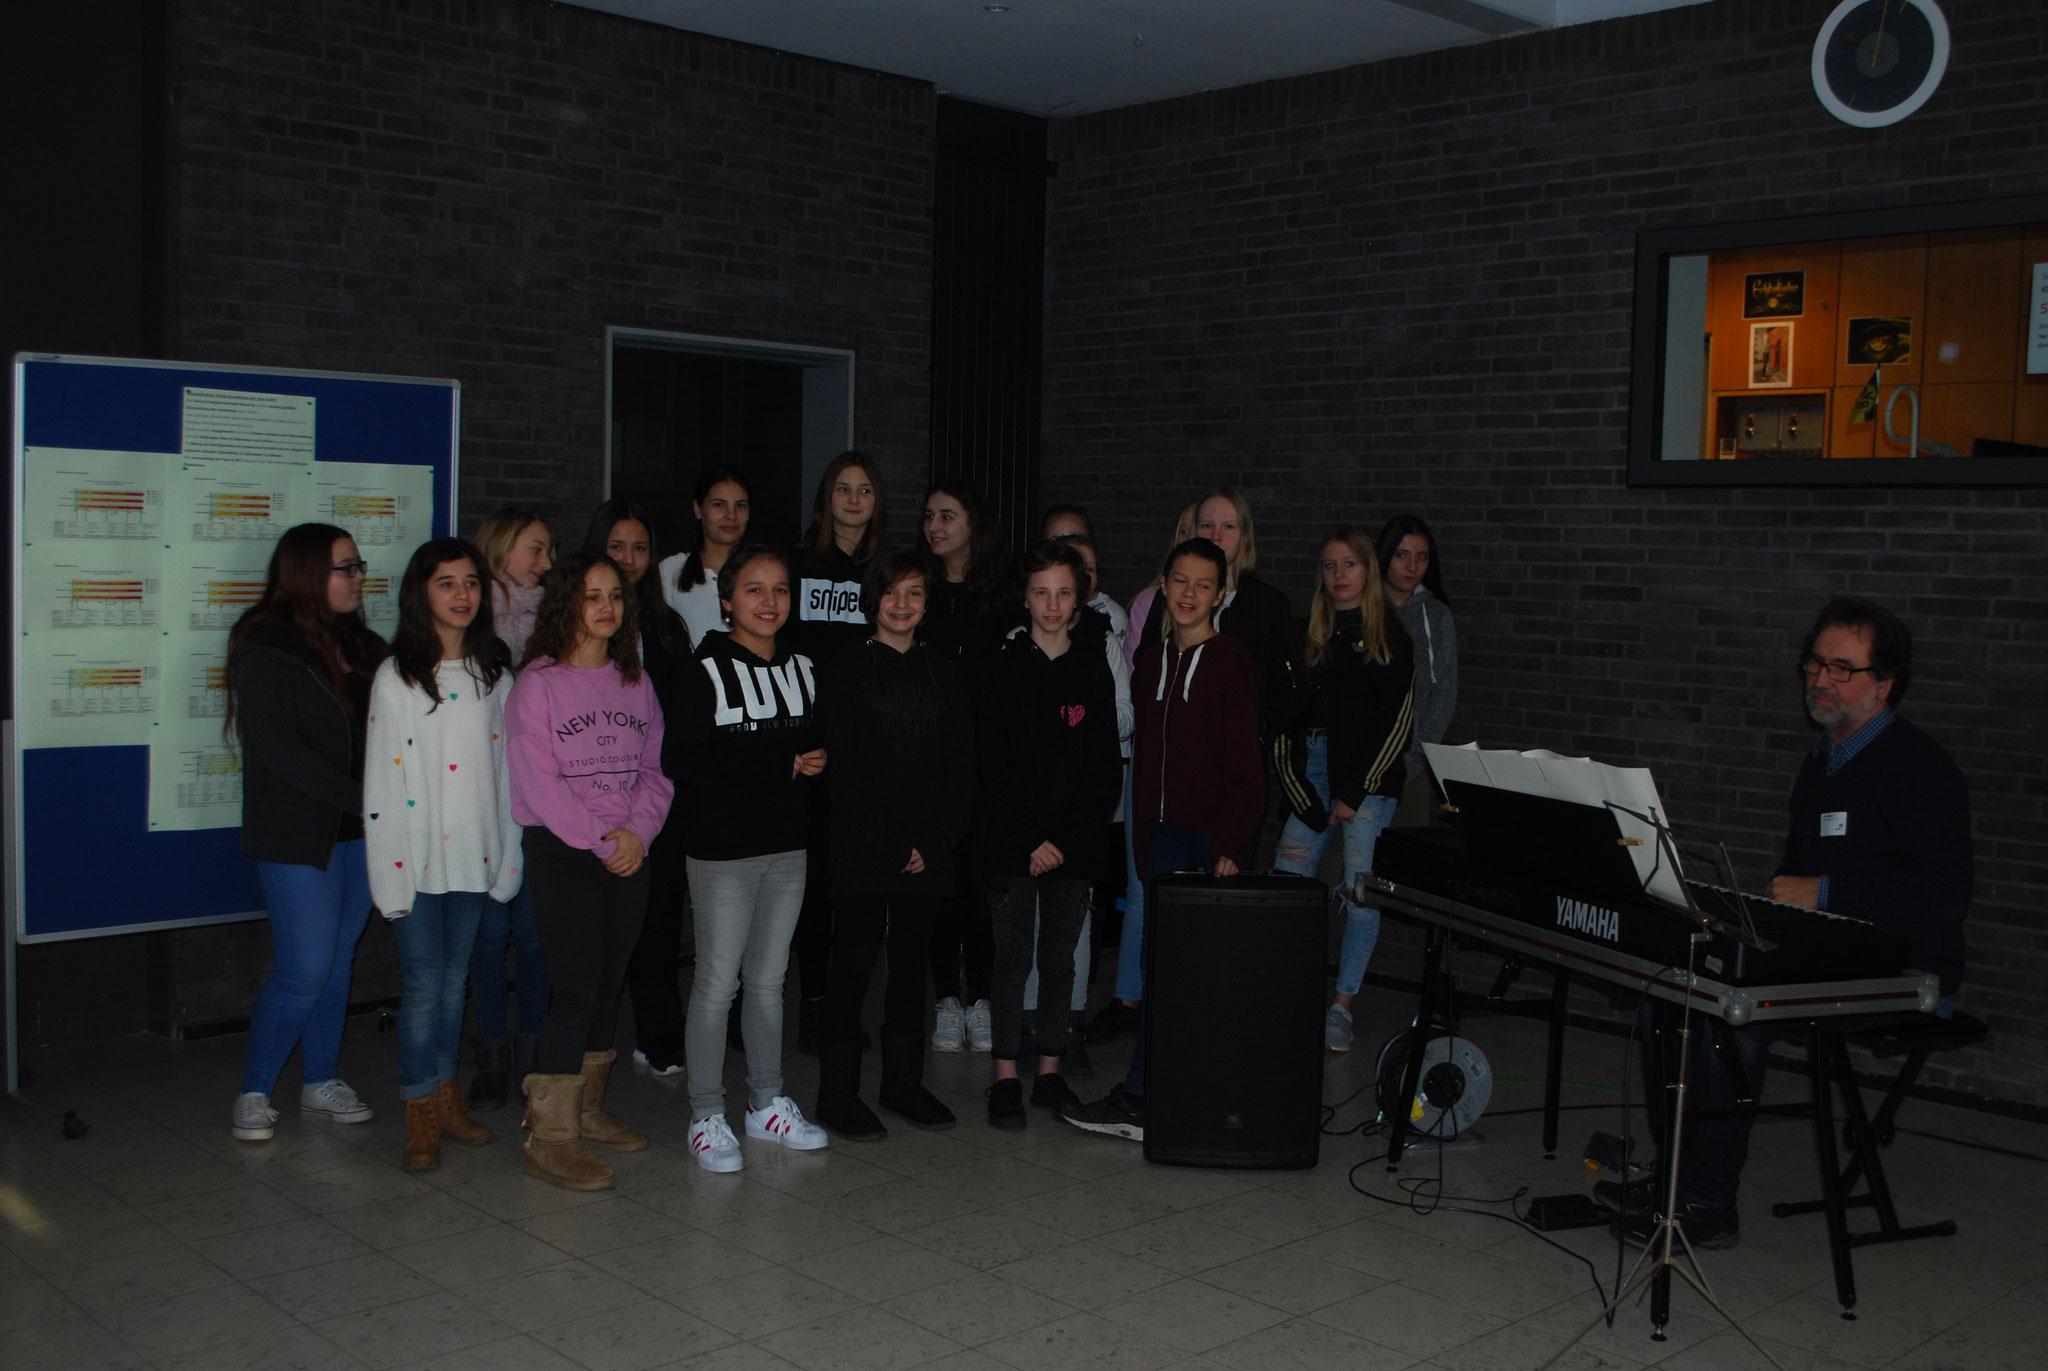 Schulchor: Der Chor der Gesamtschule unter der Leitung von Ralf Kötgen empfing die Viertklässler und ihre Eltern.